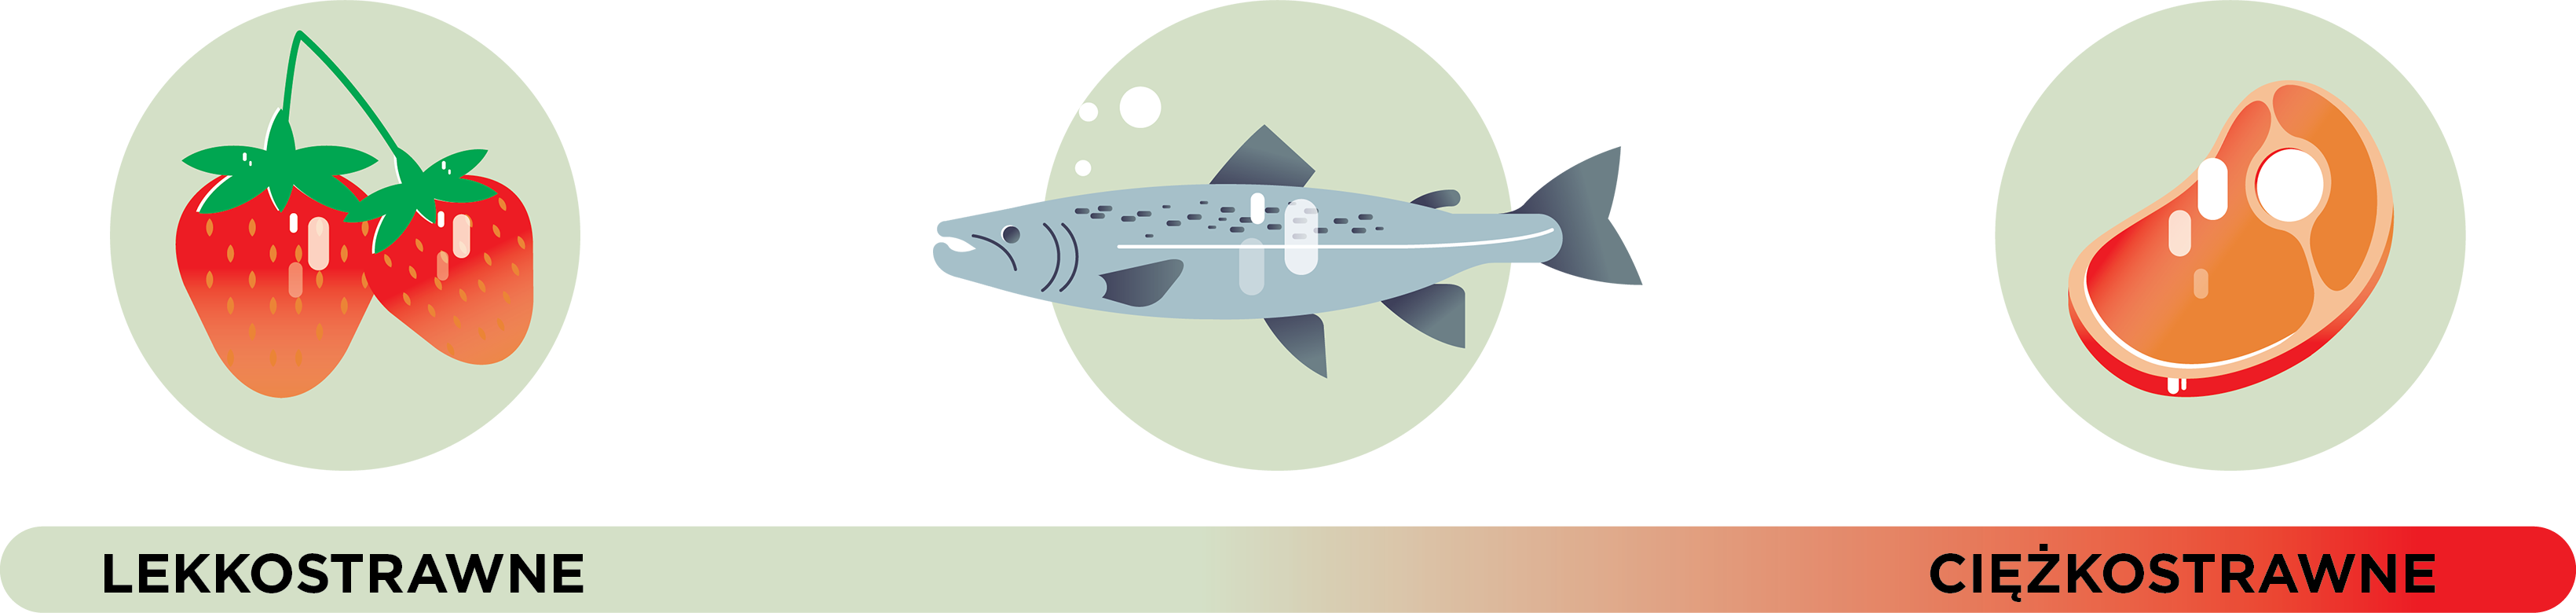 Ryby są lekkostrawne